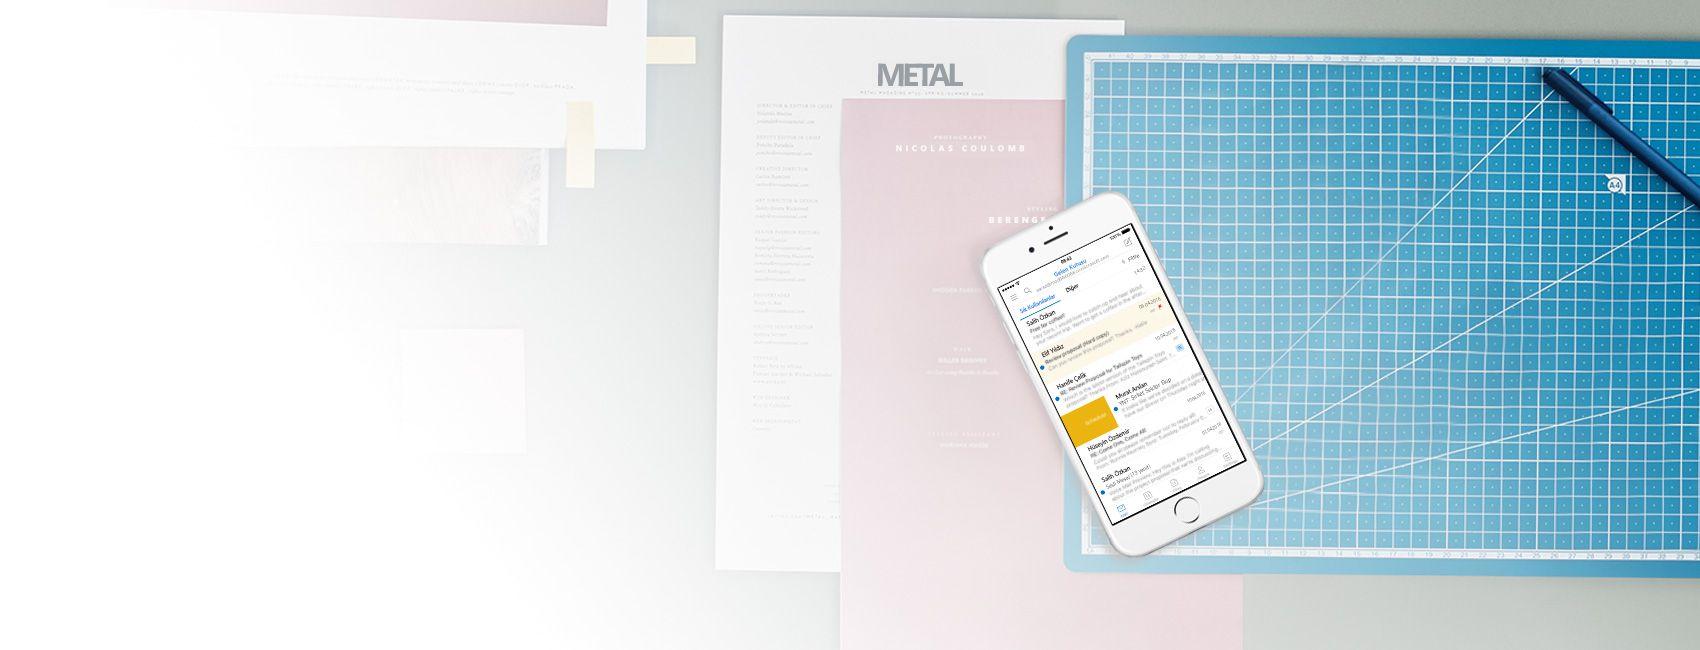 Outlook uygulamasında bir e-posta gelen kutusu görüntülenen telefon